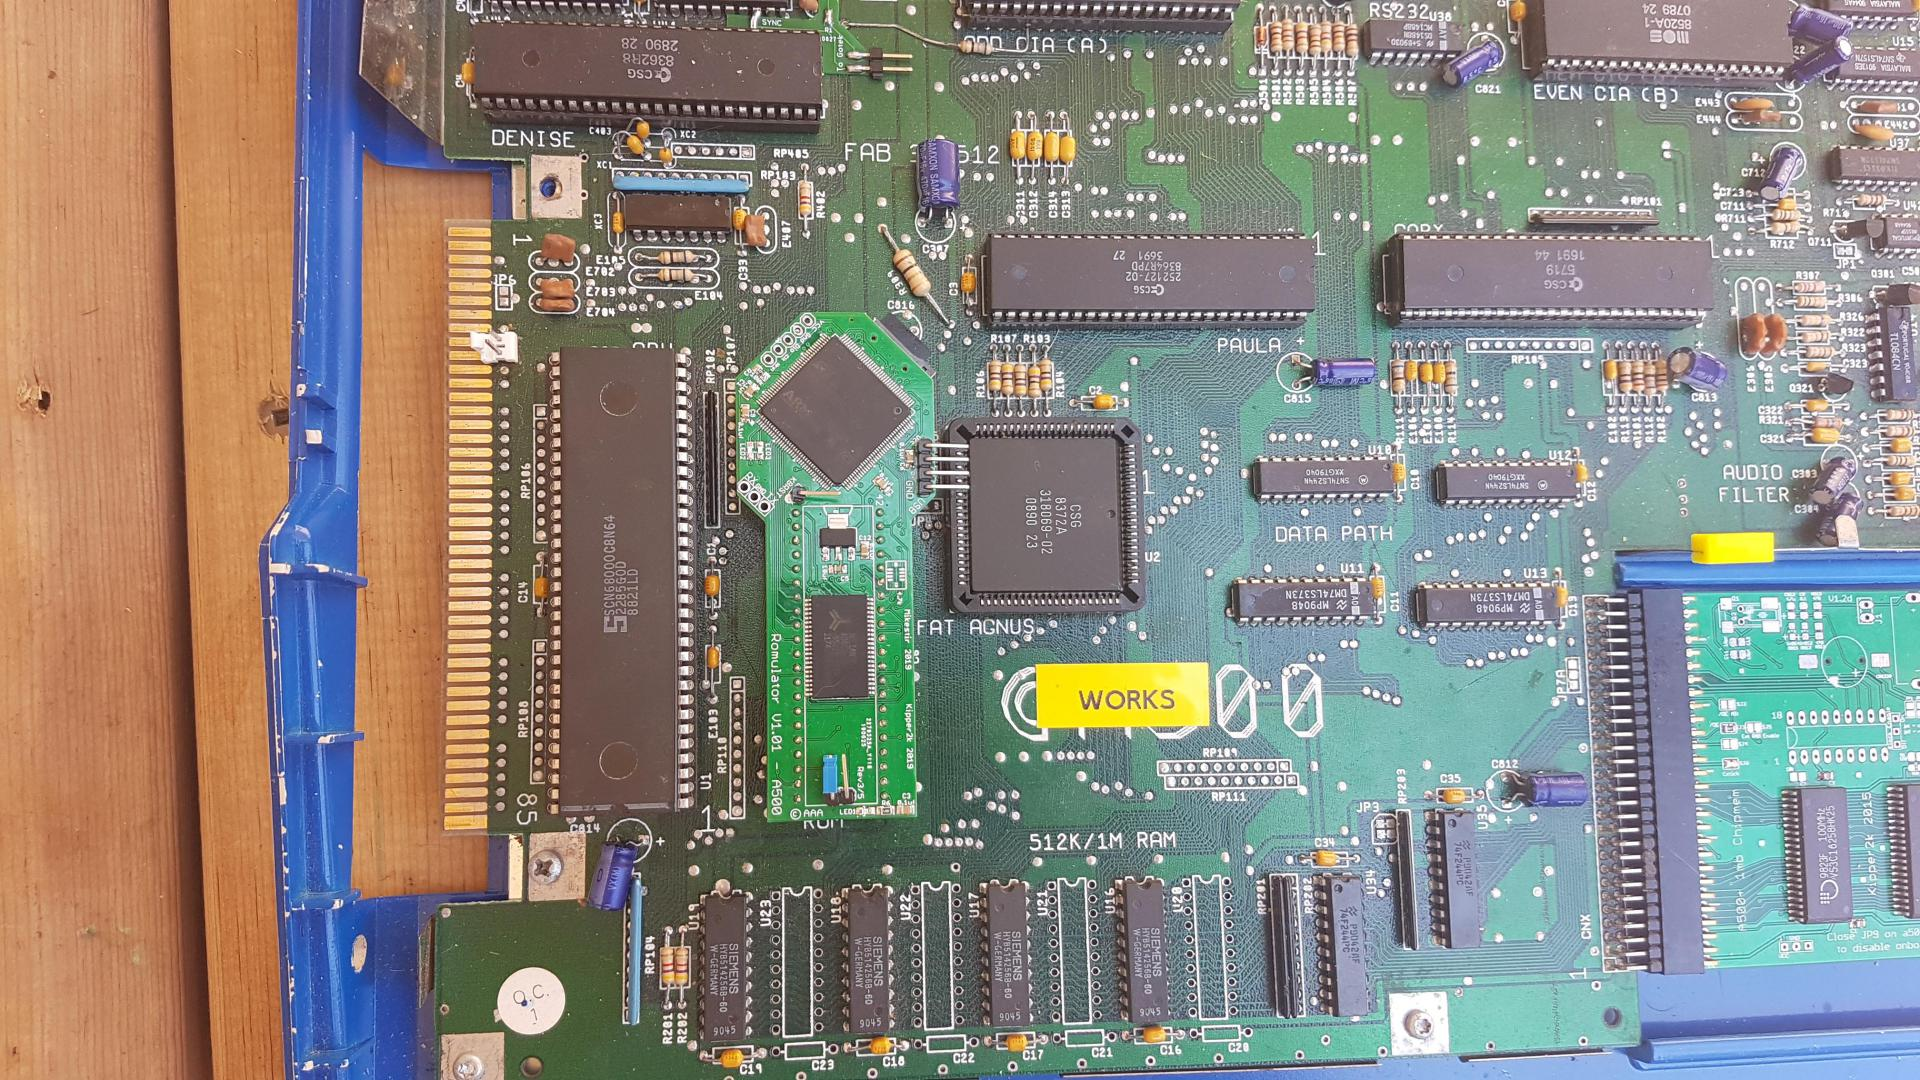 Klikněte na obrázek pro zobrazení větší verze  Název: romulatortop.jpg Zobrazeno: 53 Velikost: 445,7 KB ID: 9610